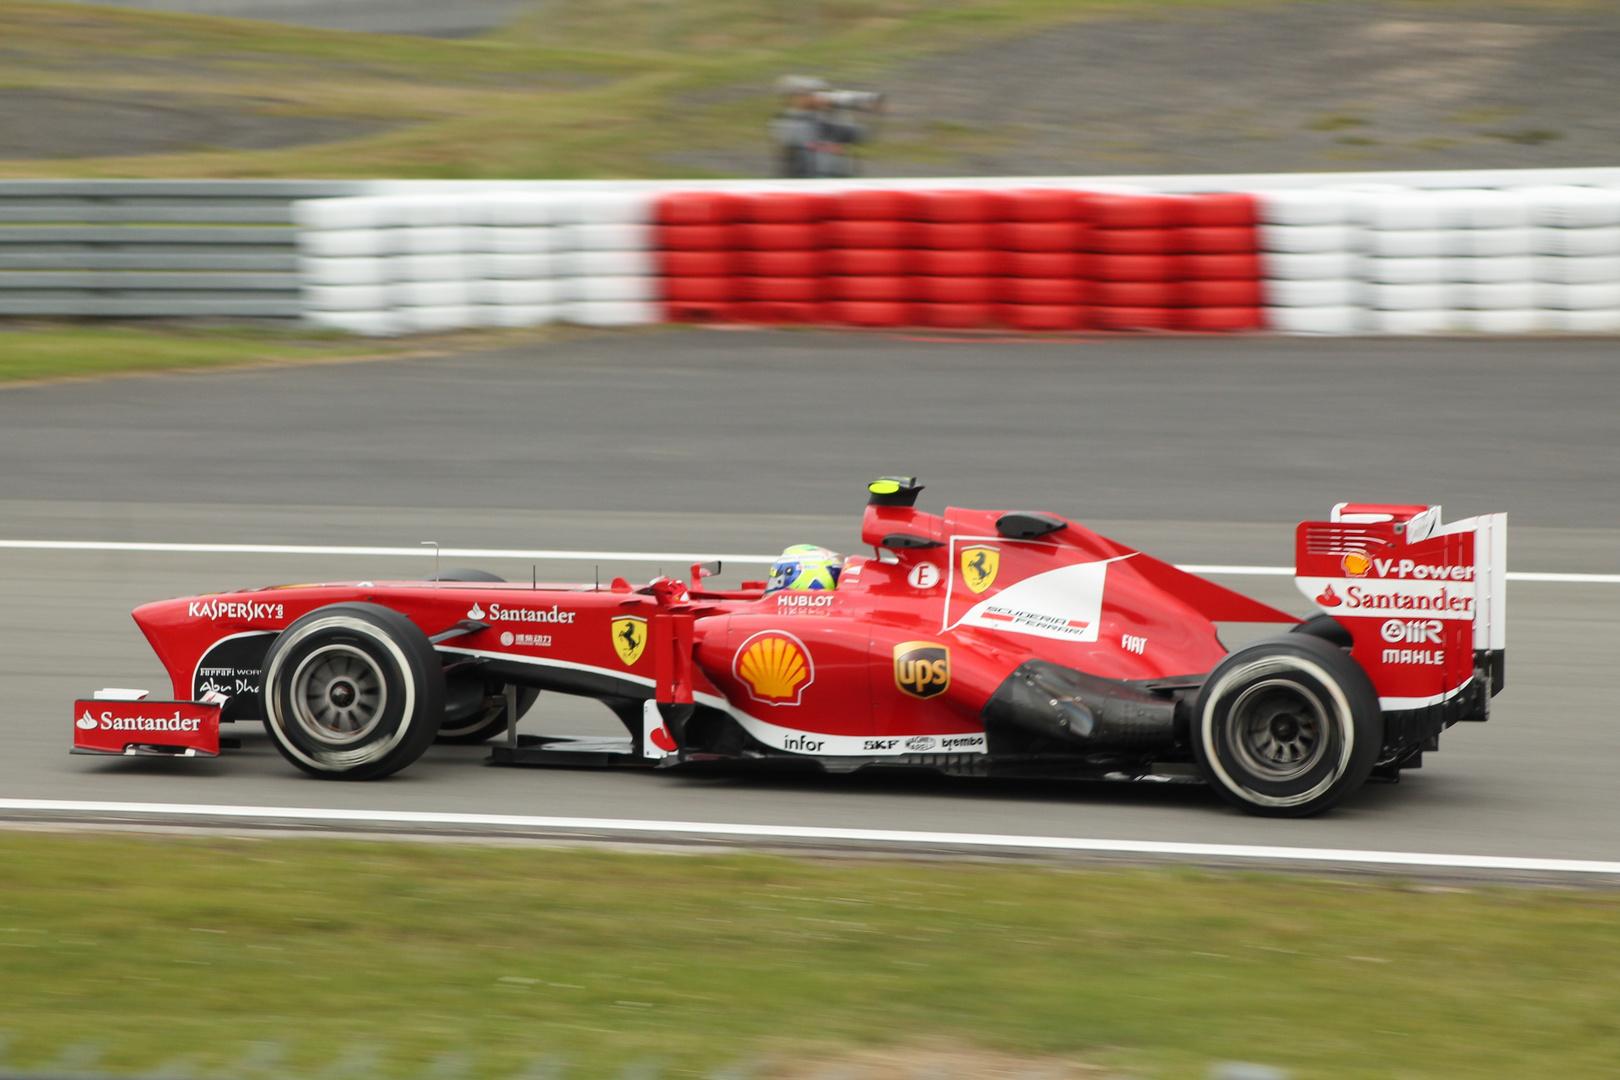 Ferrari flitzt vorbei